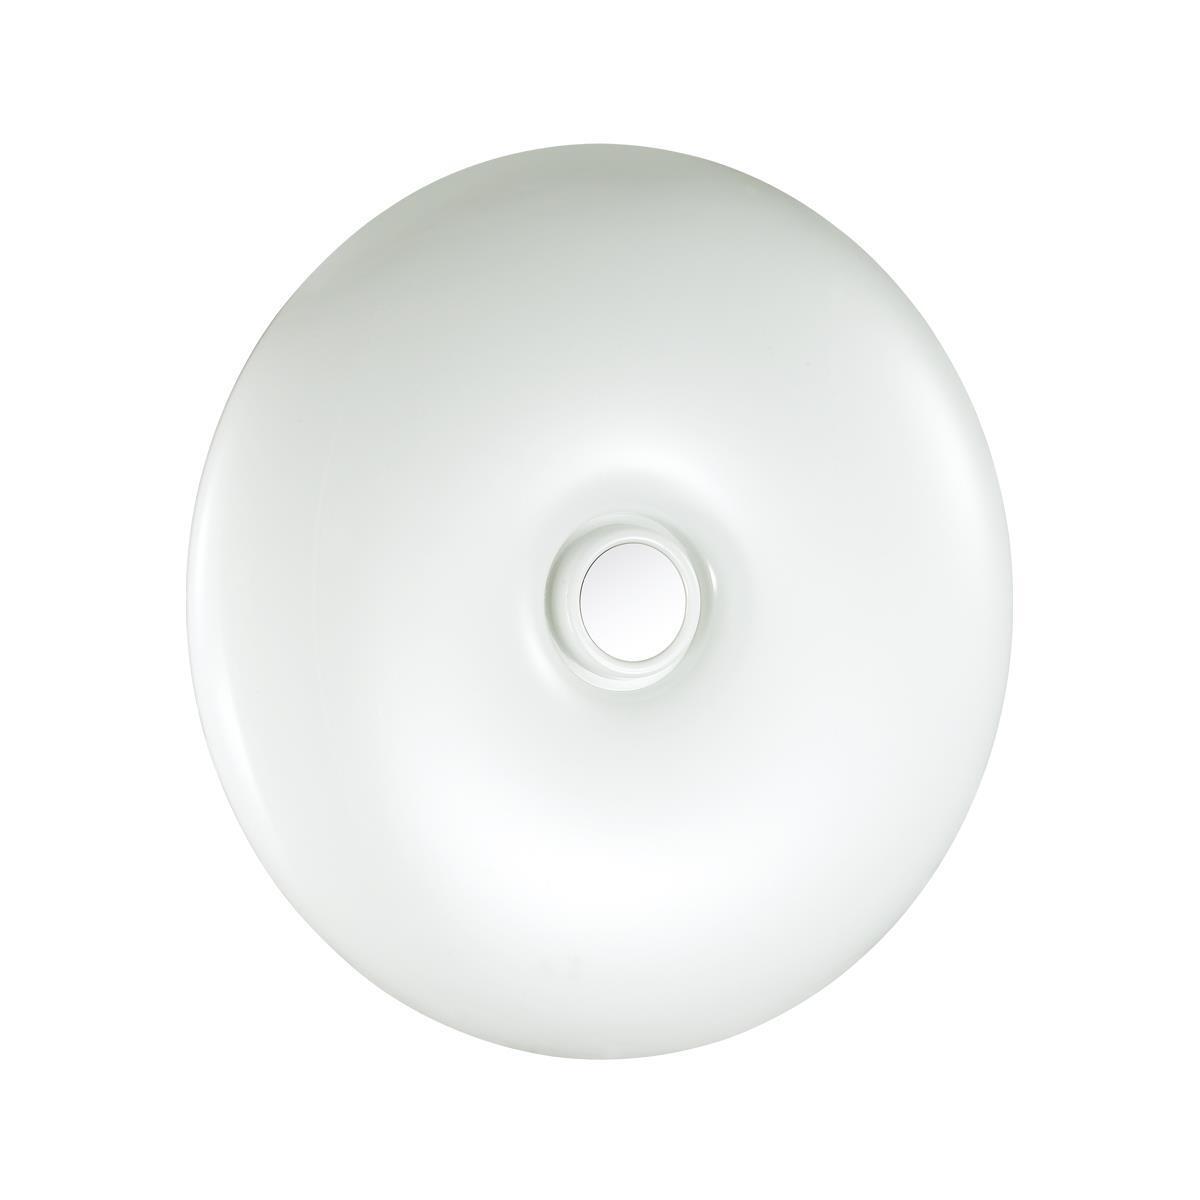 Настенно-потолочный светильник Sonex POINT 3021/DL, LED, 48 Вт